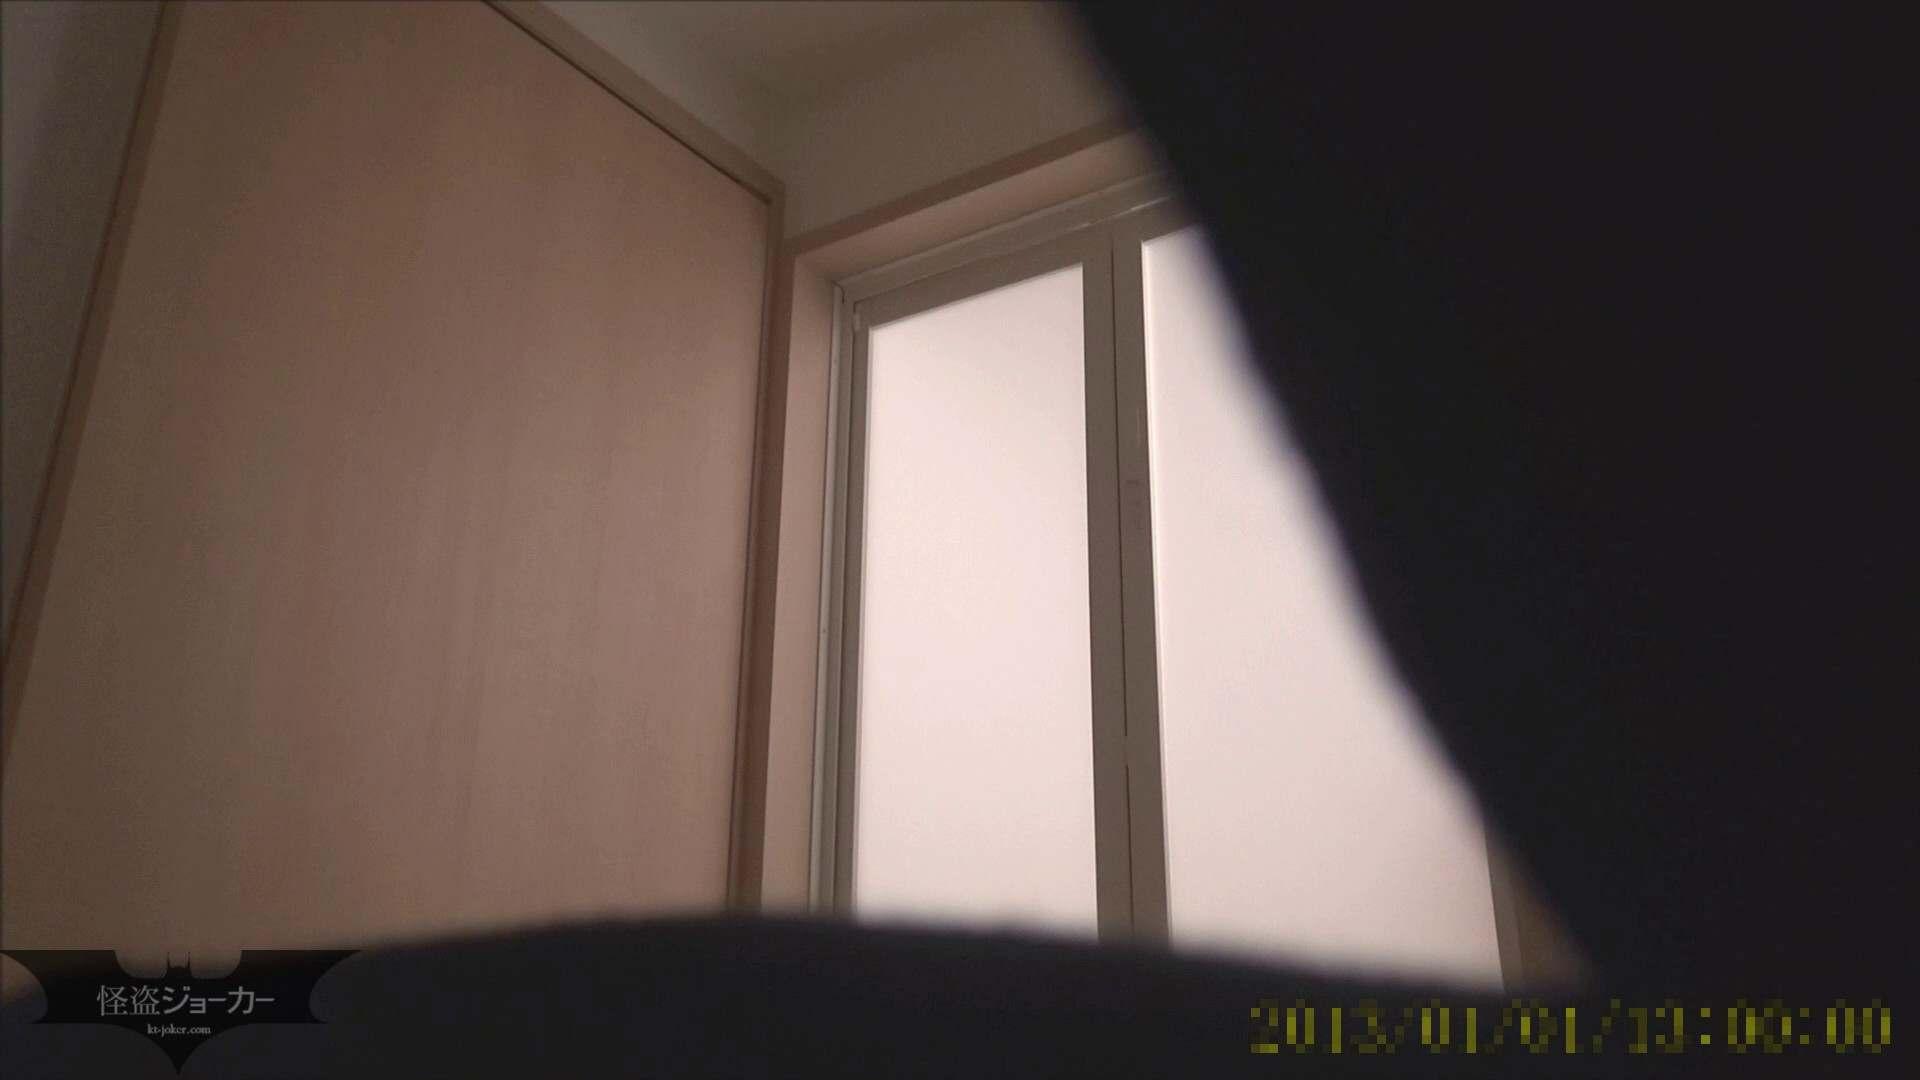 【未公開】vol.103  {黒髪→茶髪ボブに変身}美巨乳アミちゃん④【前編】 シャワー室 AV無料動画キャプチャ 92画像 46